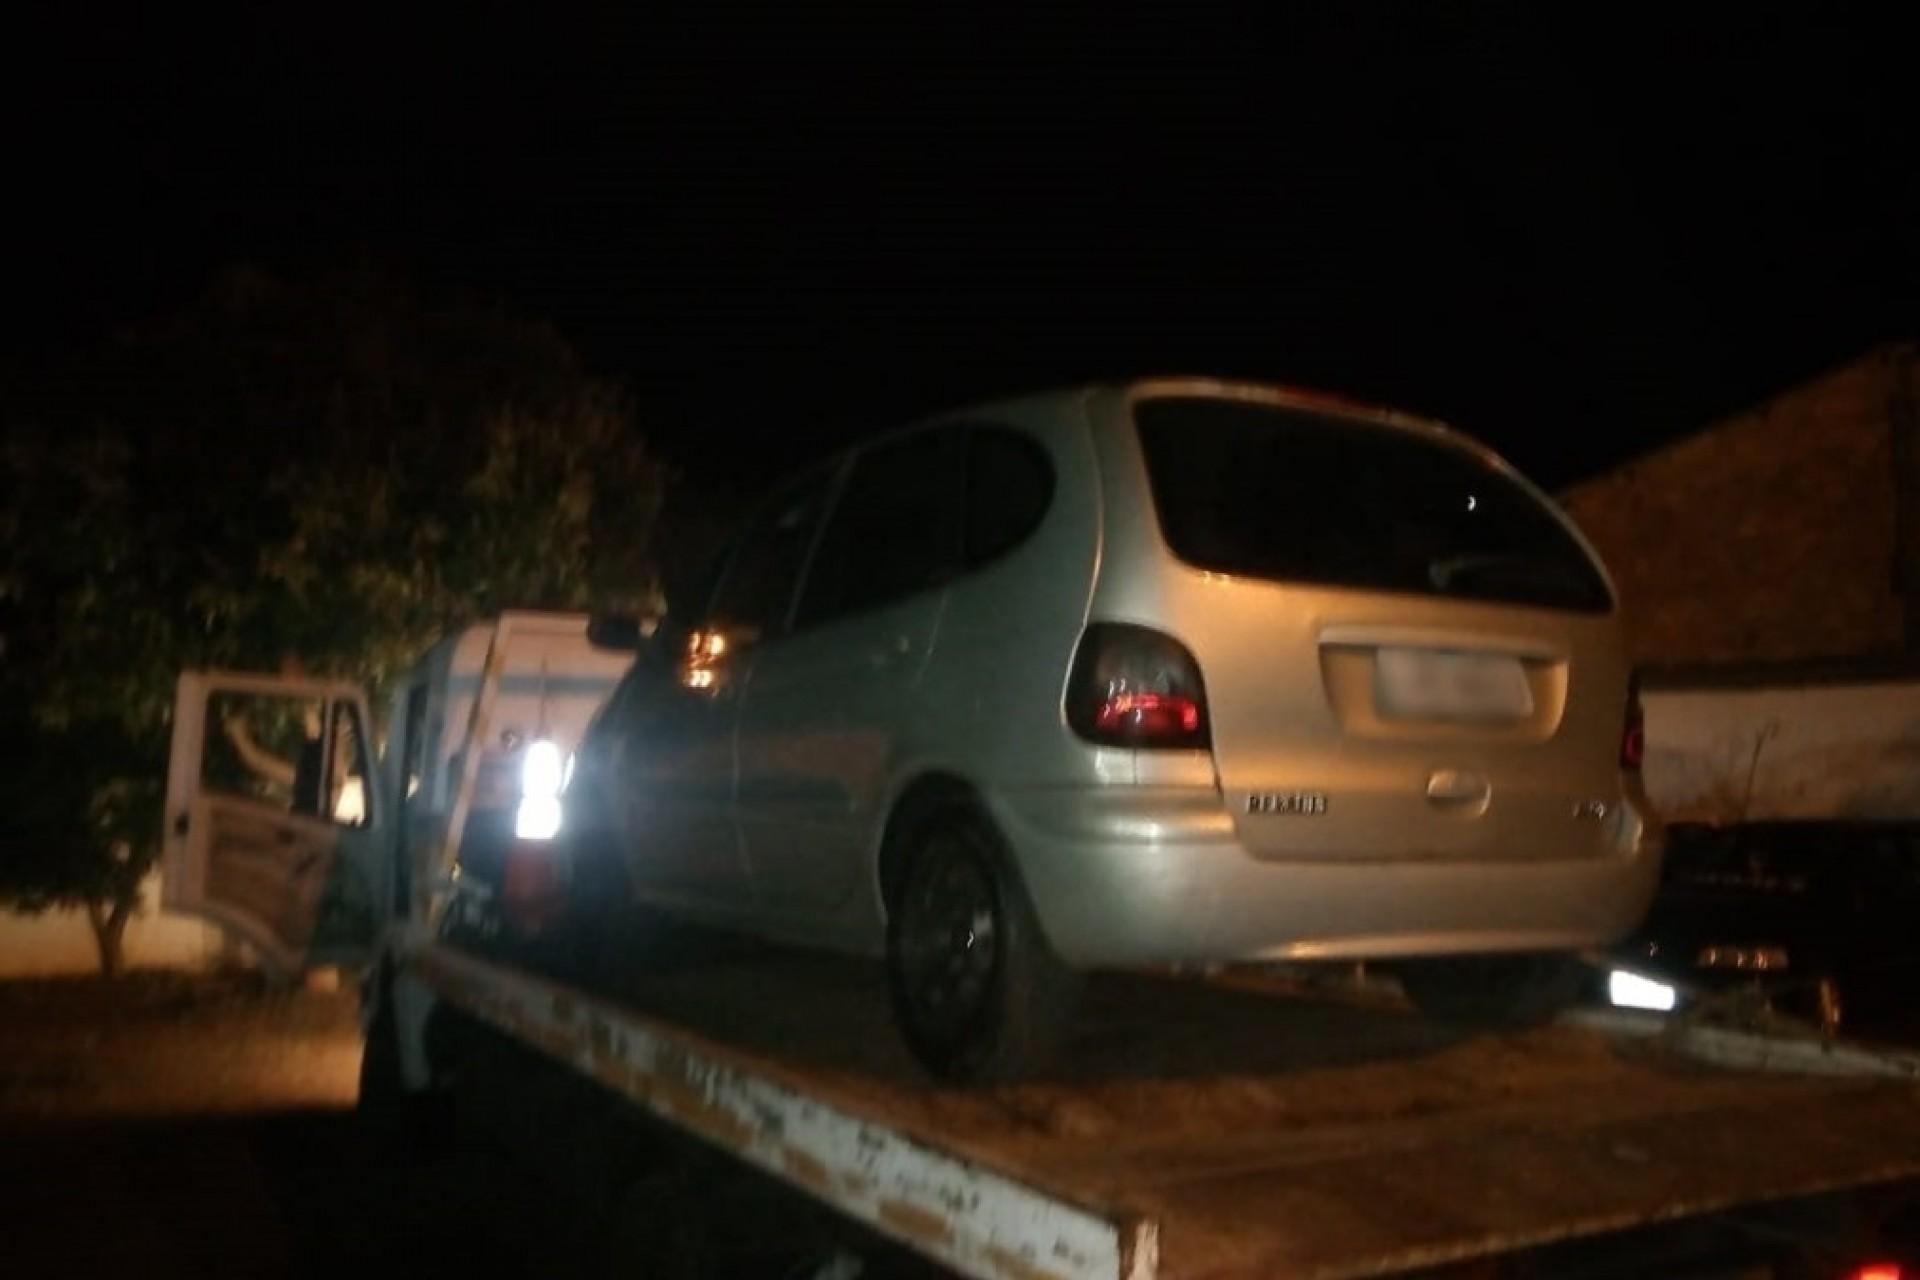 Motorista sem habilitação é flagrado embriagado após colidir em veículo estacionado em São Miguel